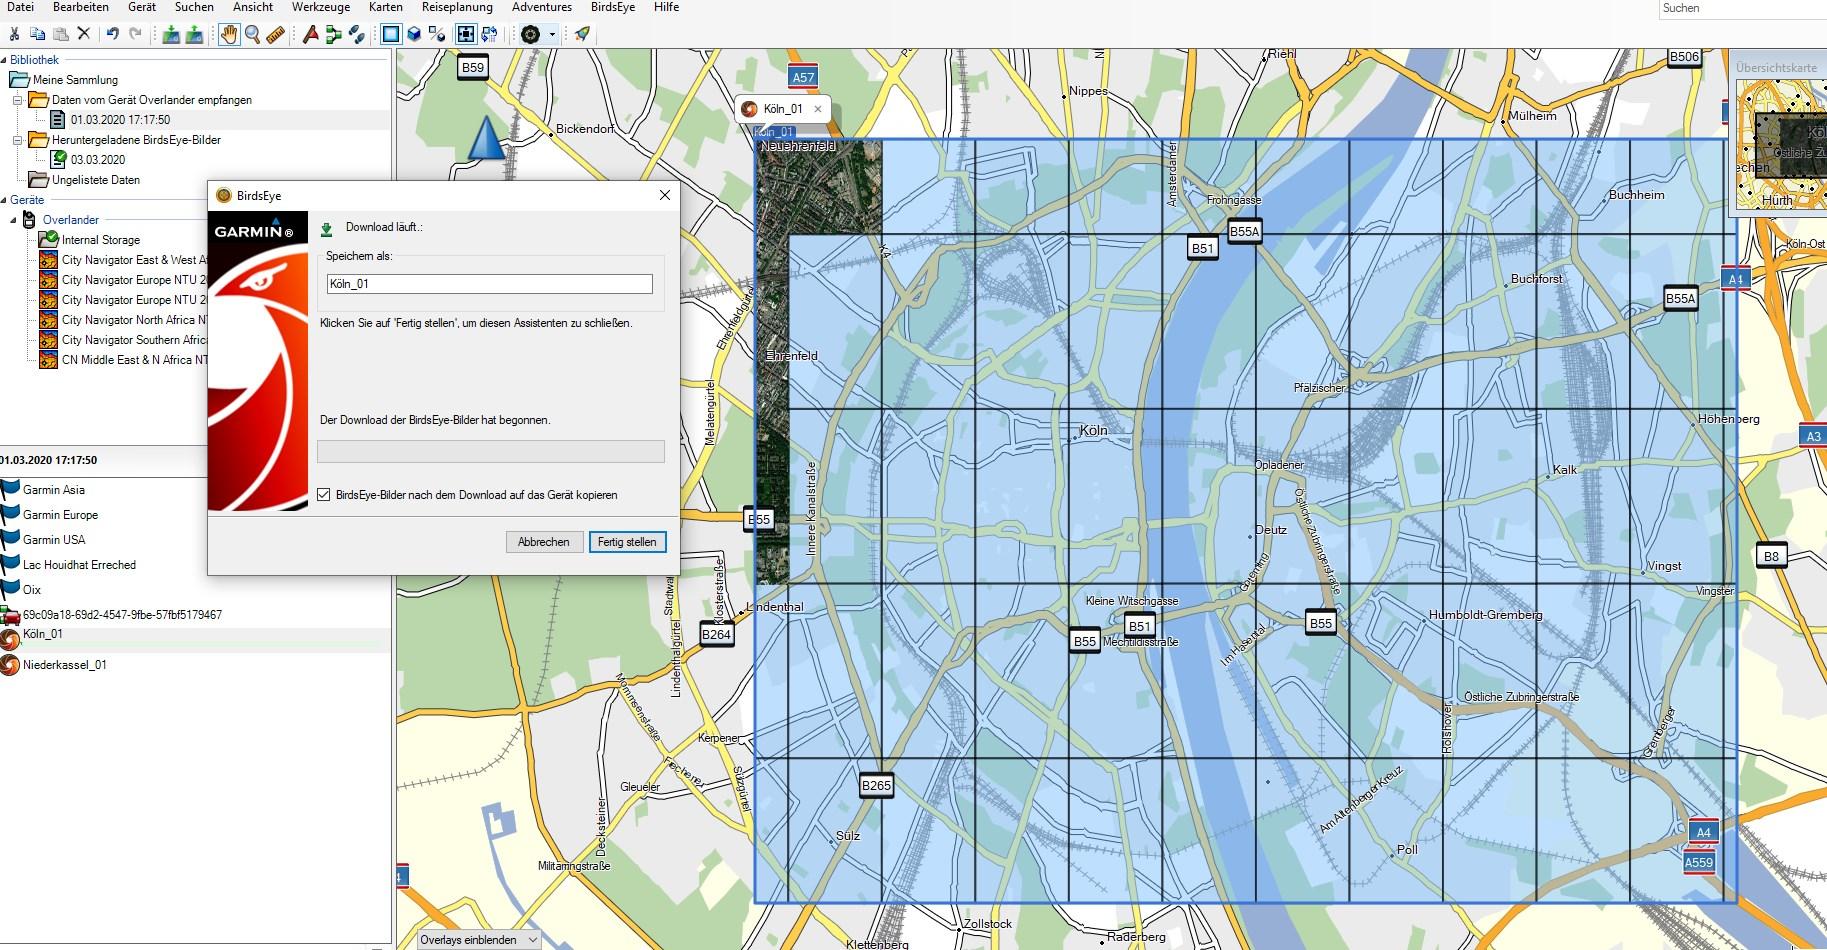 Garmin BirdsEye Satellitenkarten für das Overlander - Bereich auswählen undherunterladen.